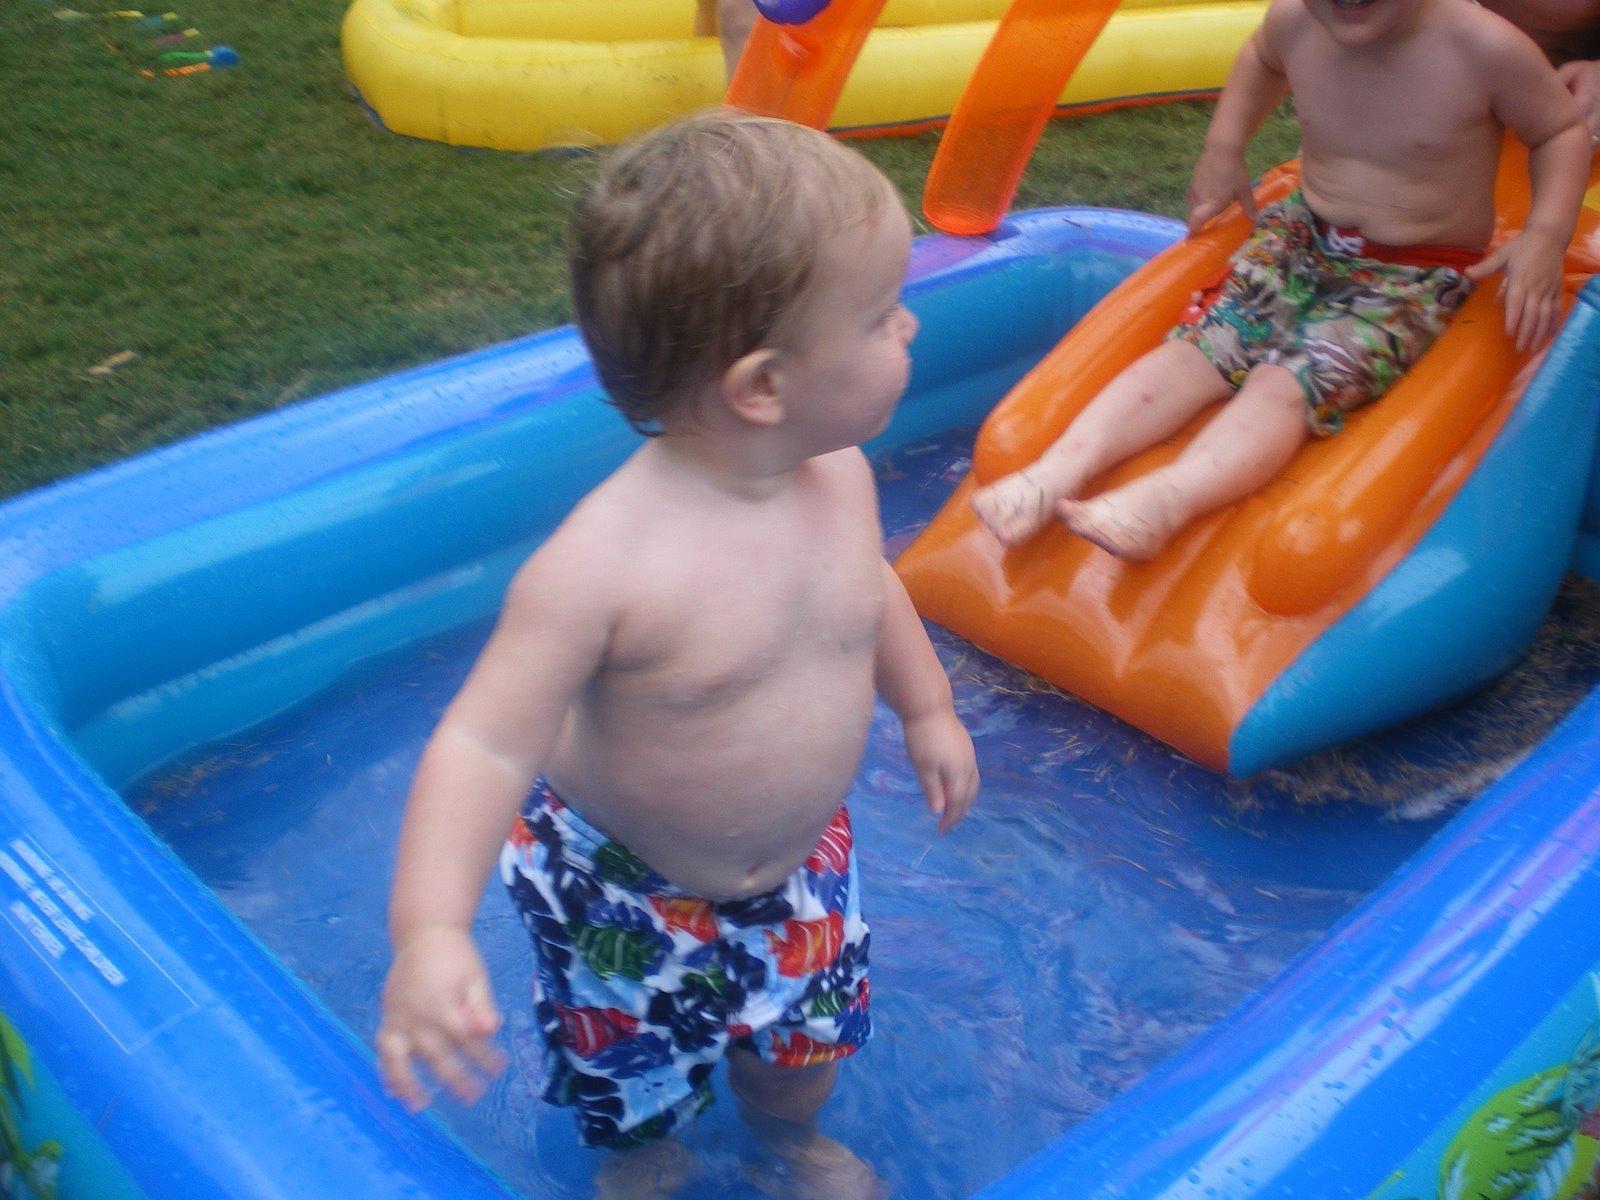 [Jake+Keedy+in+pool.JPG]